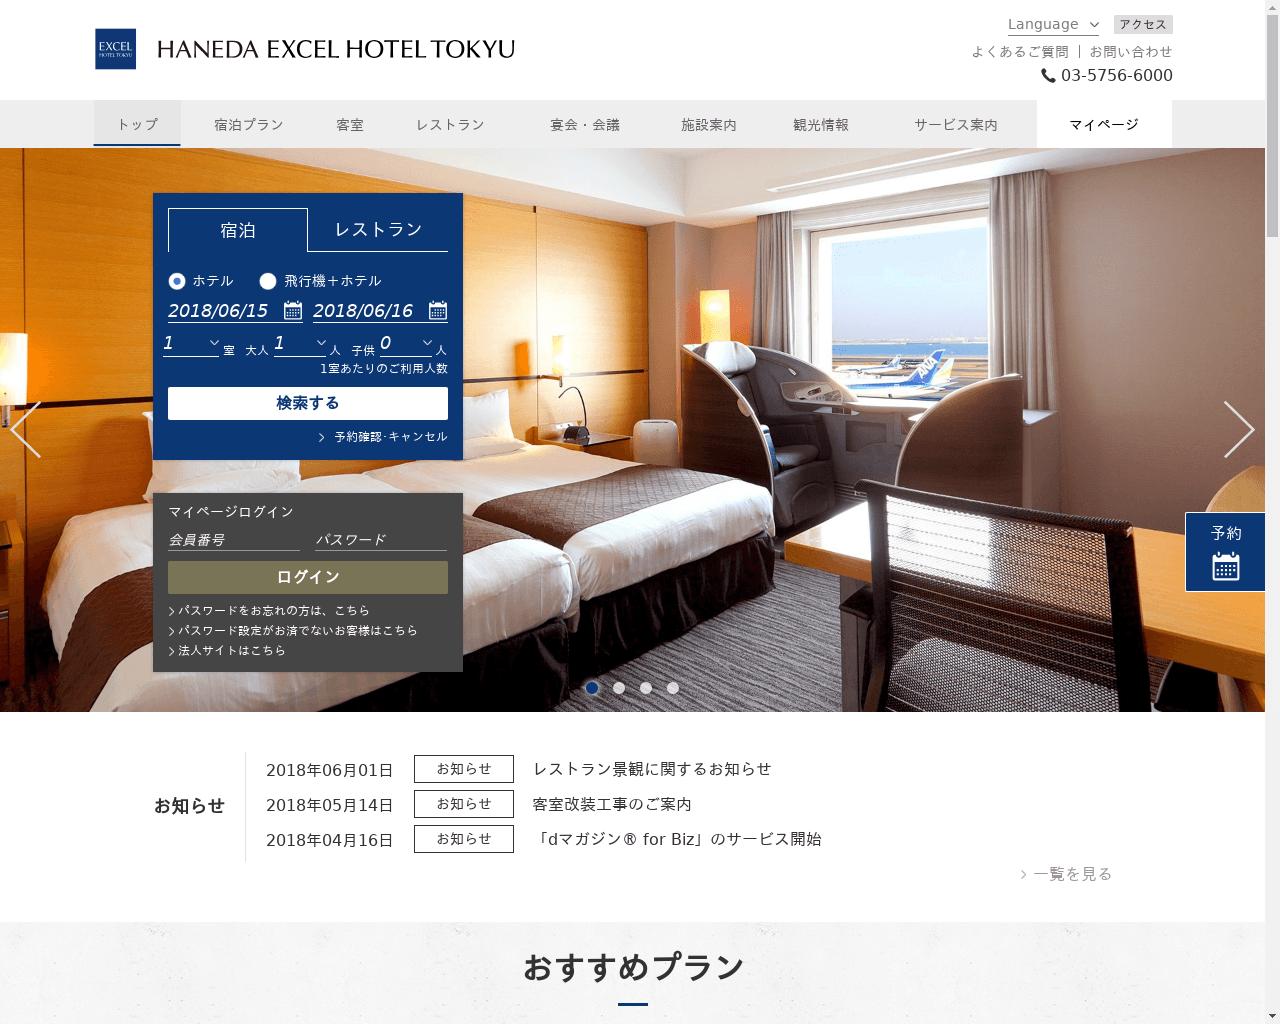 高級ホテル特集 羽田 エクセルホテル東急